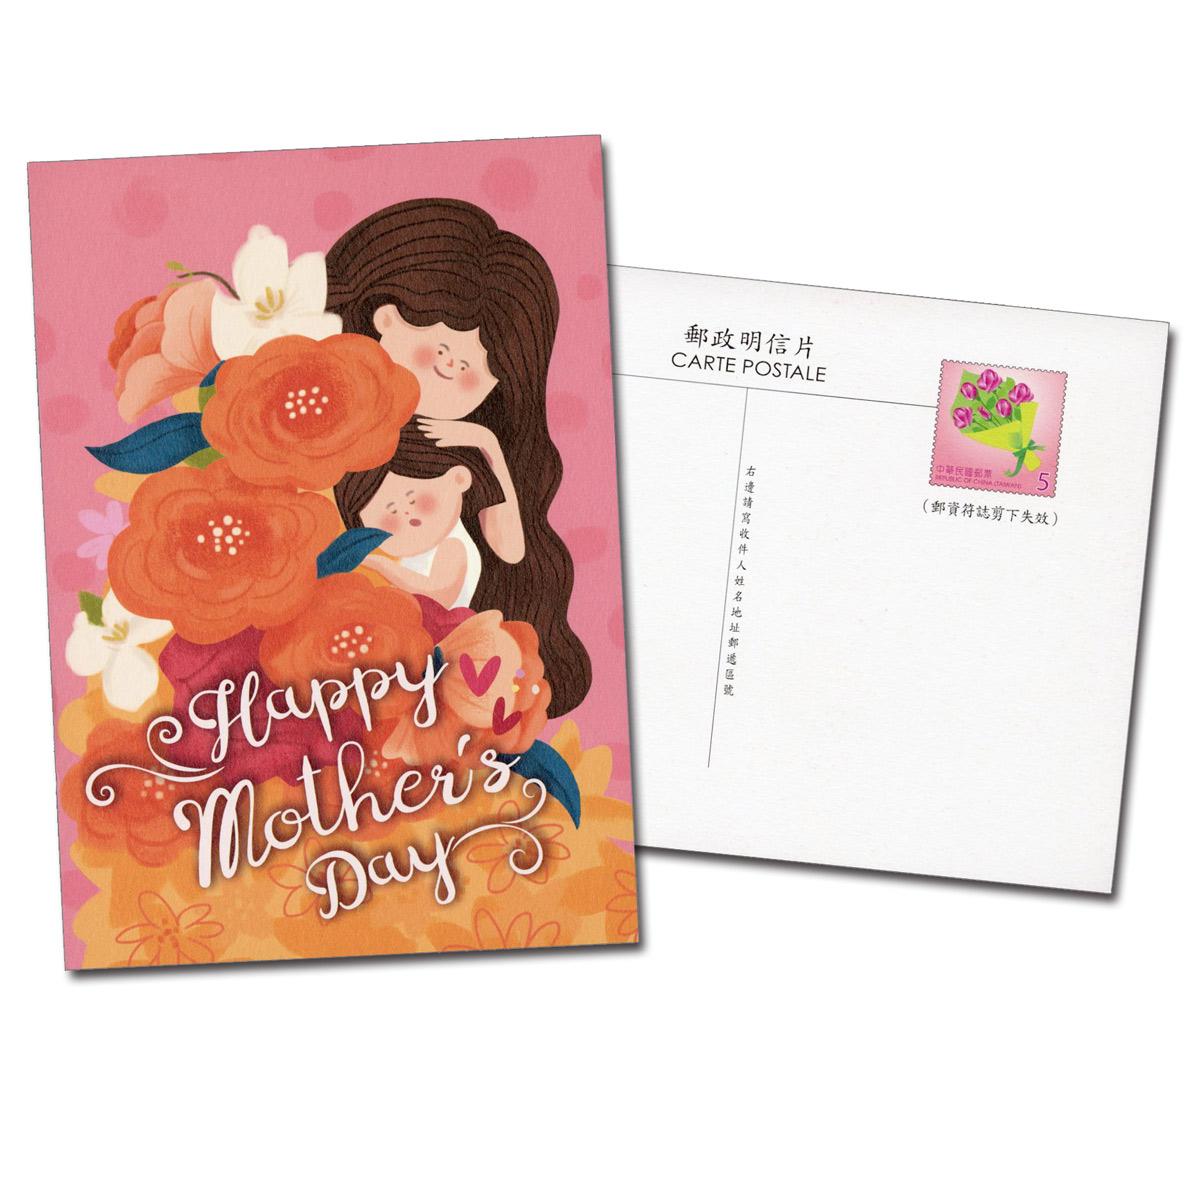 母親節明信片